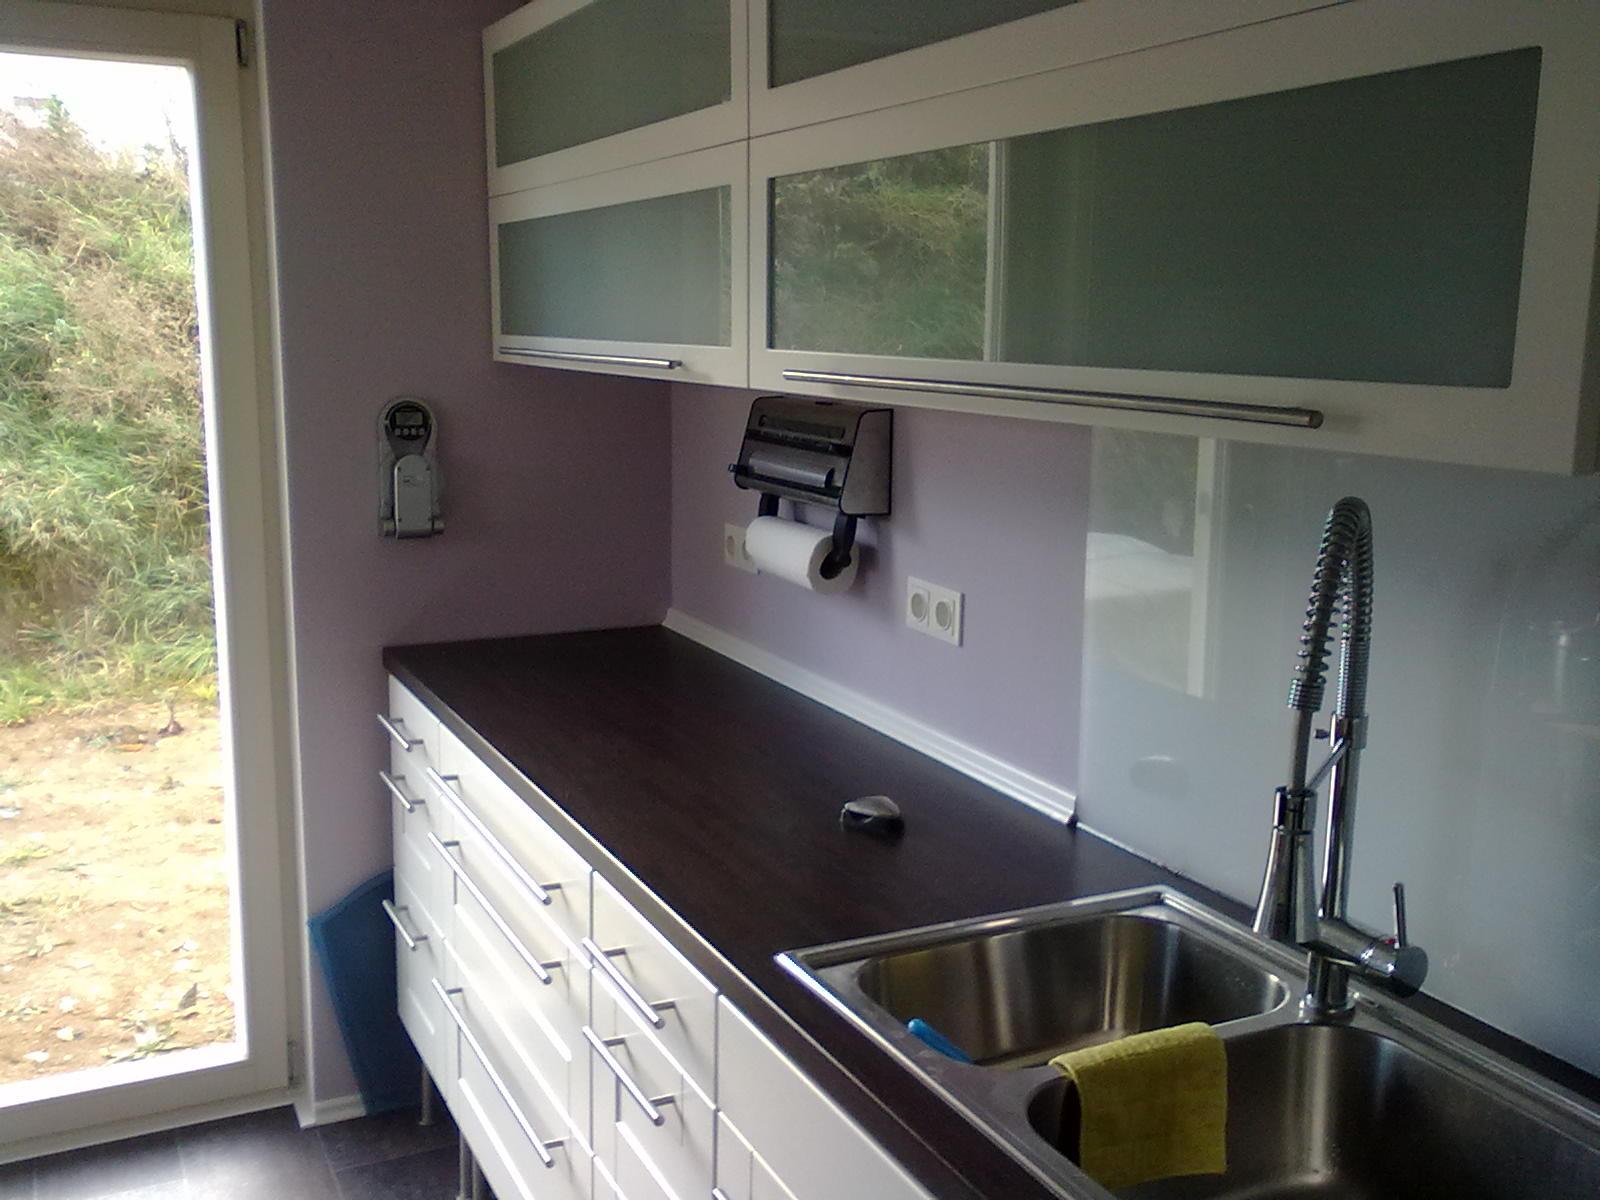 Glasplatten in Küche installiert